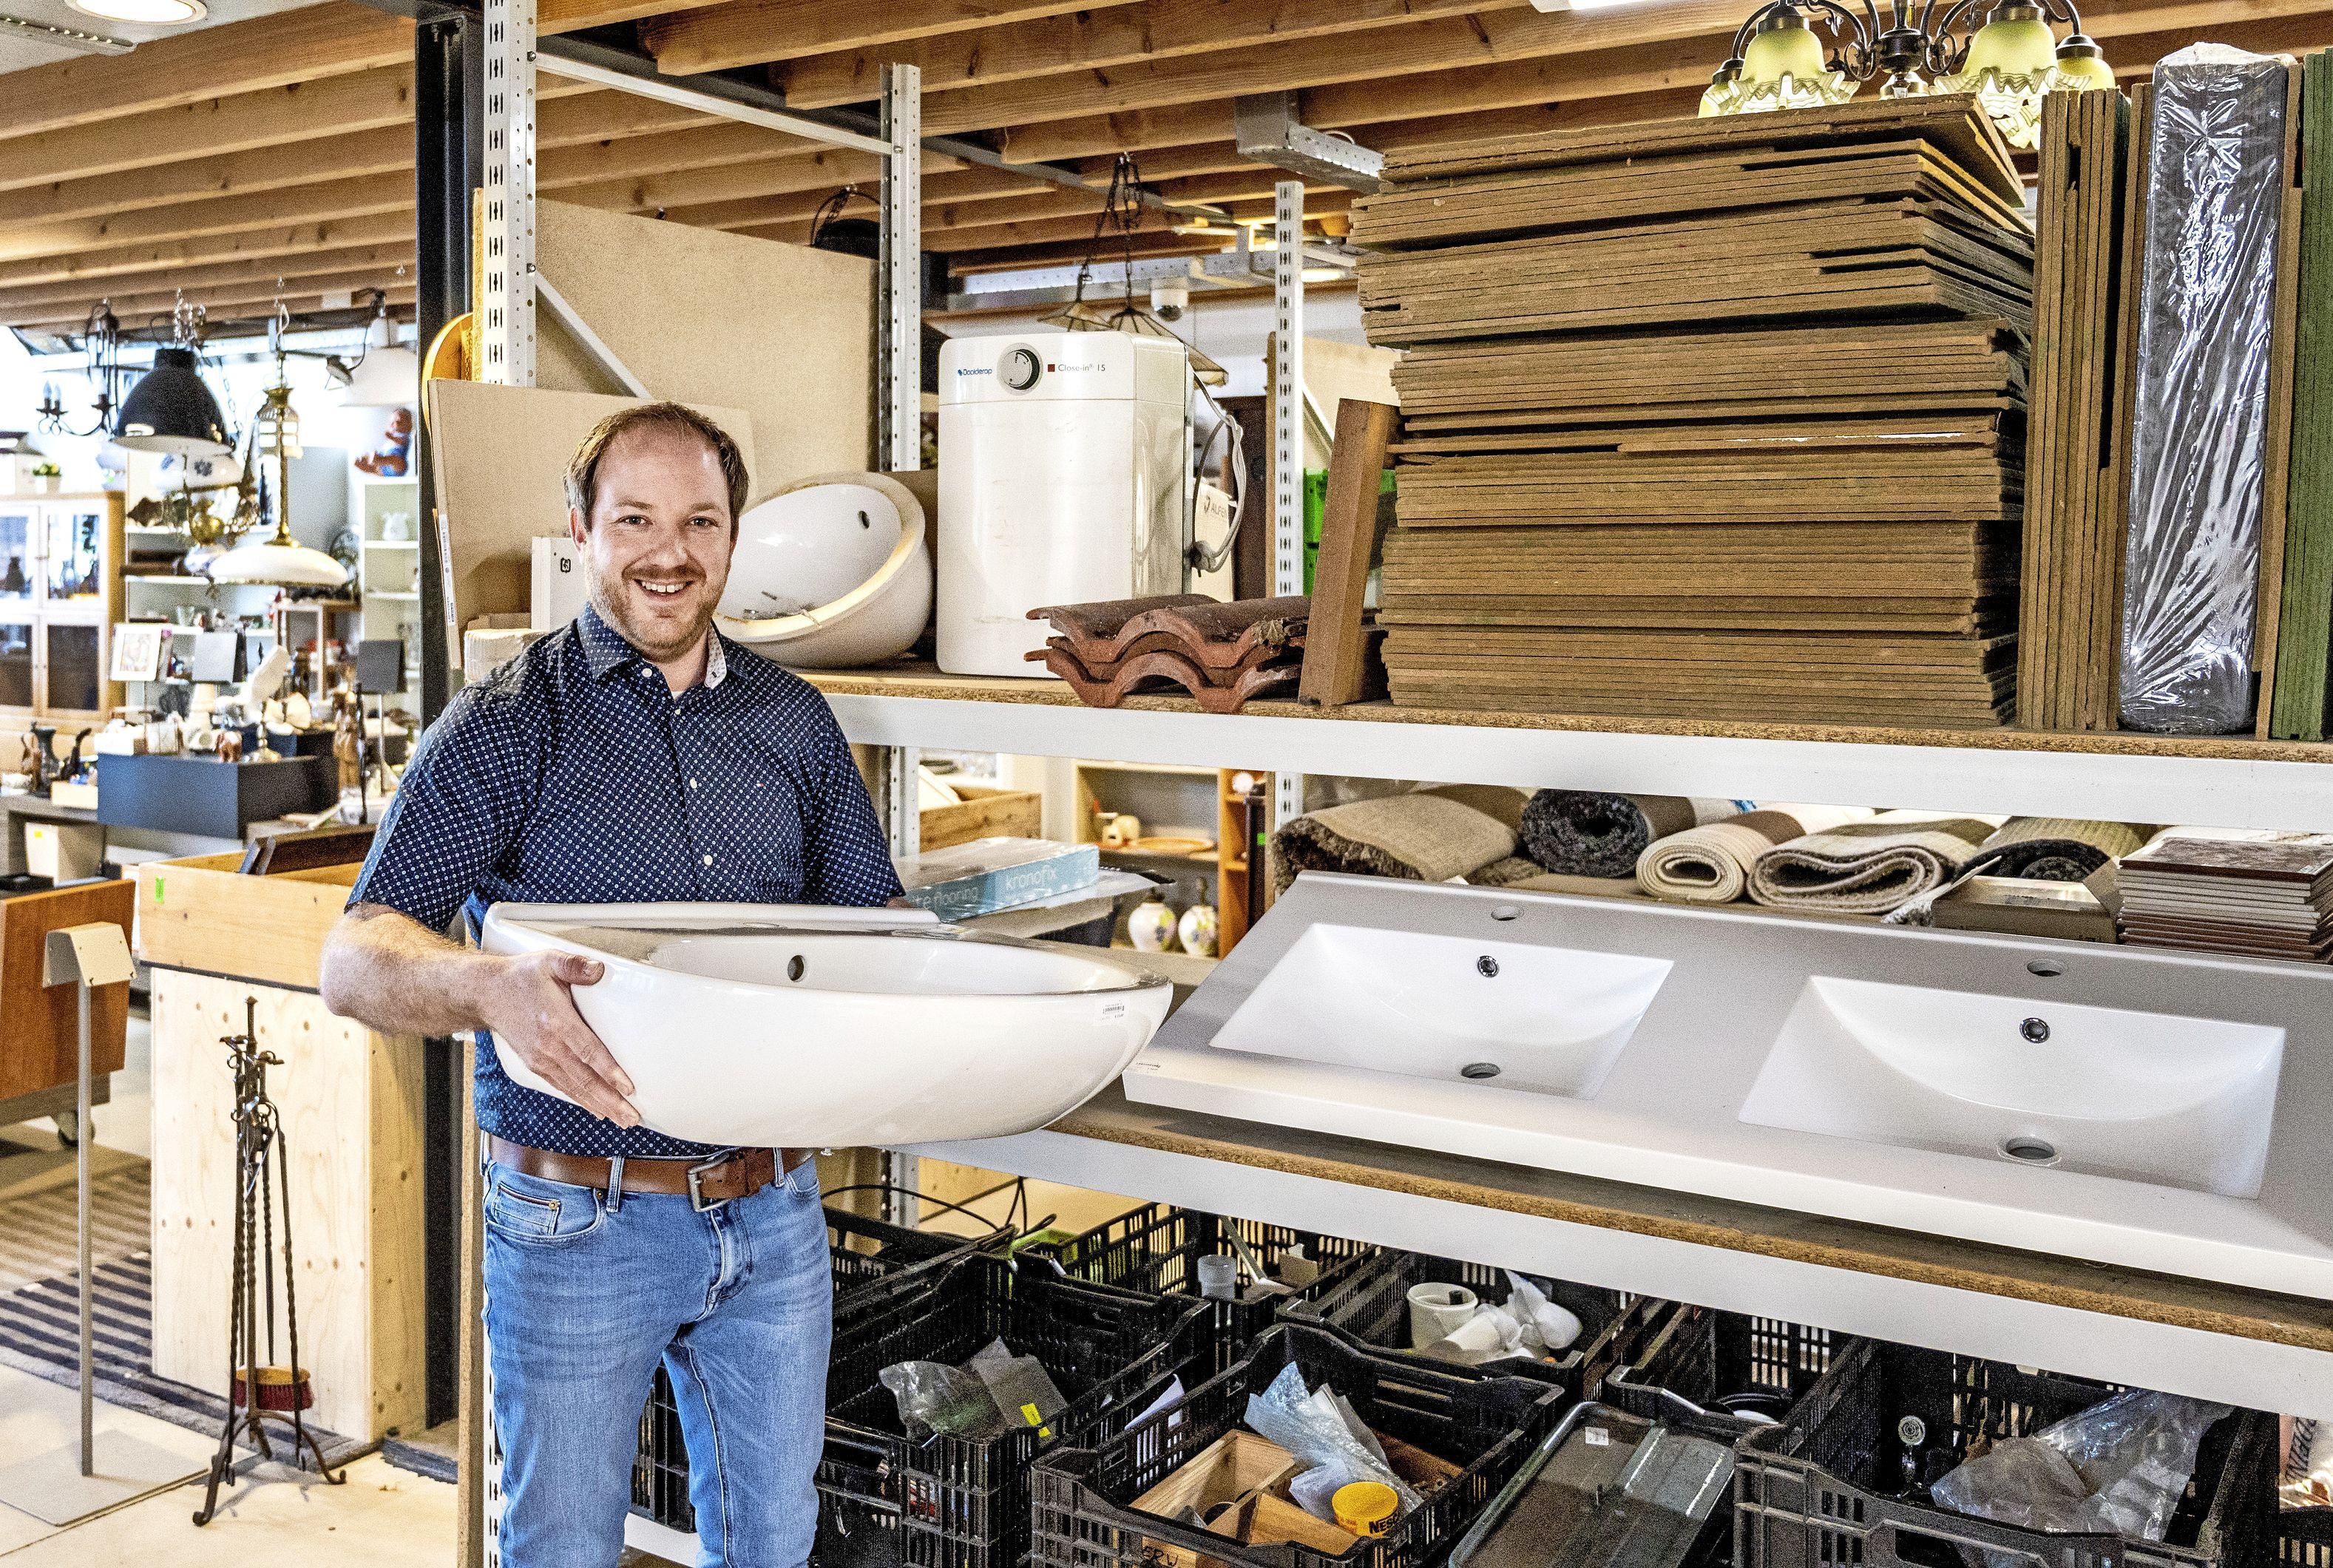 Voor een wasbak naar de kringloopwinkel; Snuffelmug in Heemstede doet nu ook in bouwmaterialen